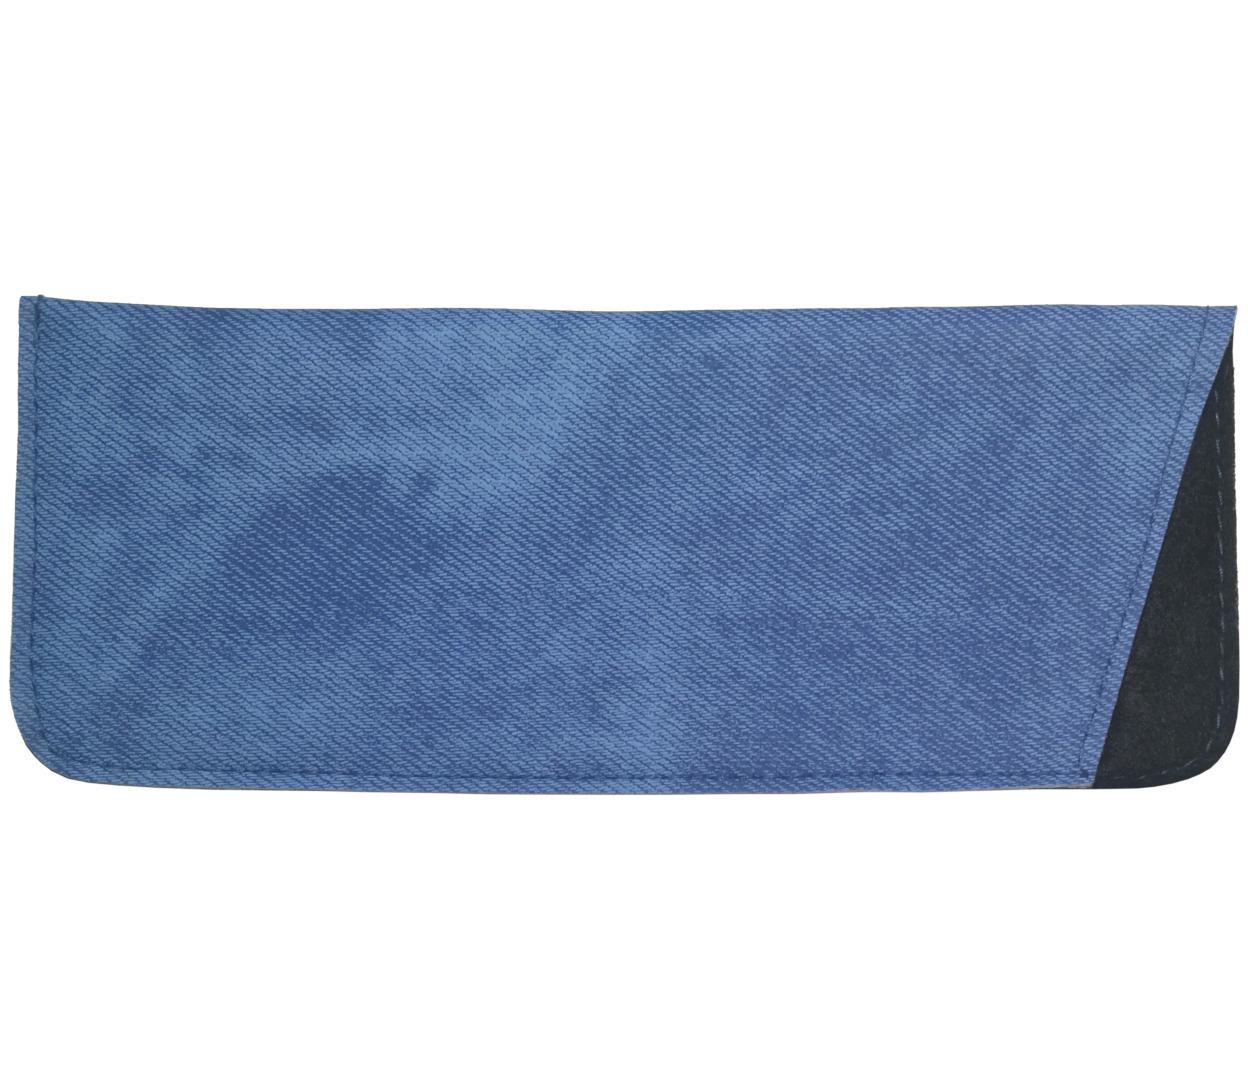 Case - Penguin (Blue)